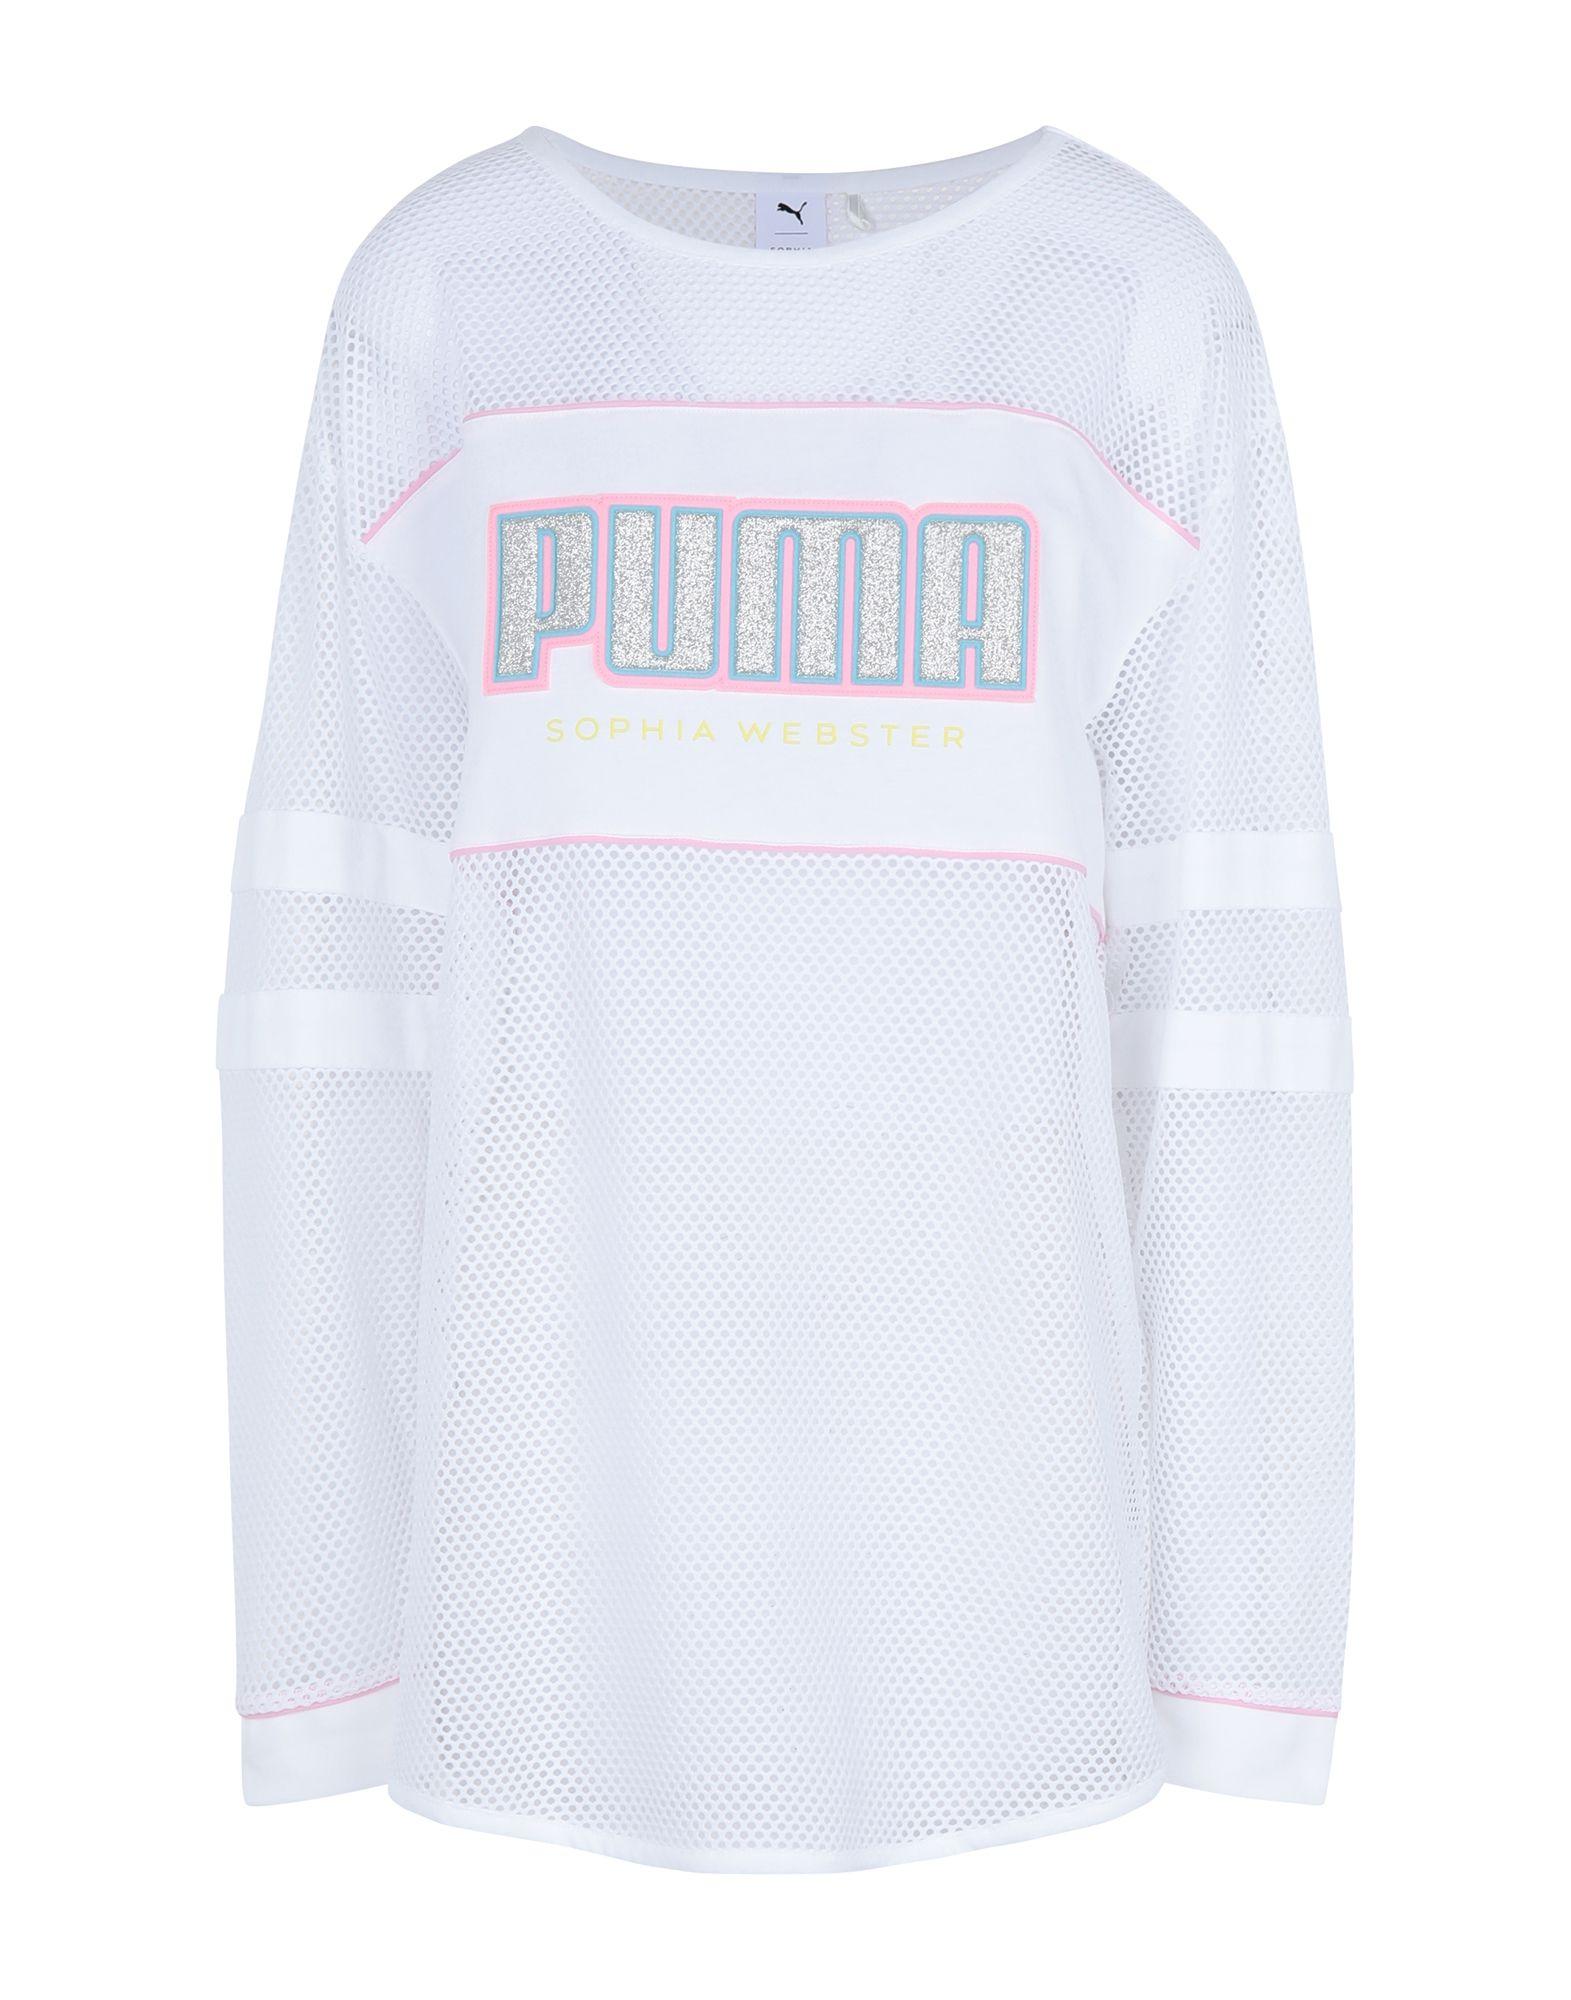 Фото - PUMA x SOPHIA WEBSTER Футболка puma x porsche design футболка